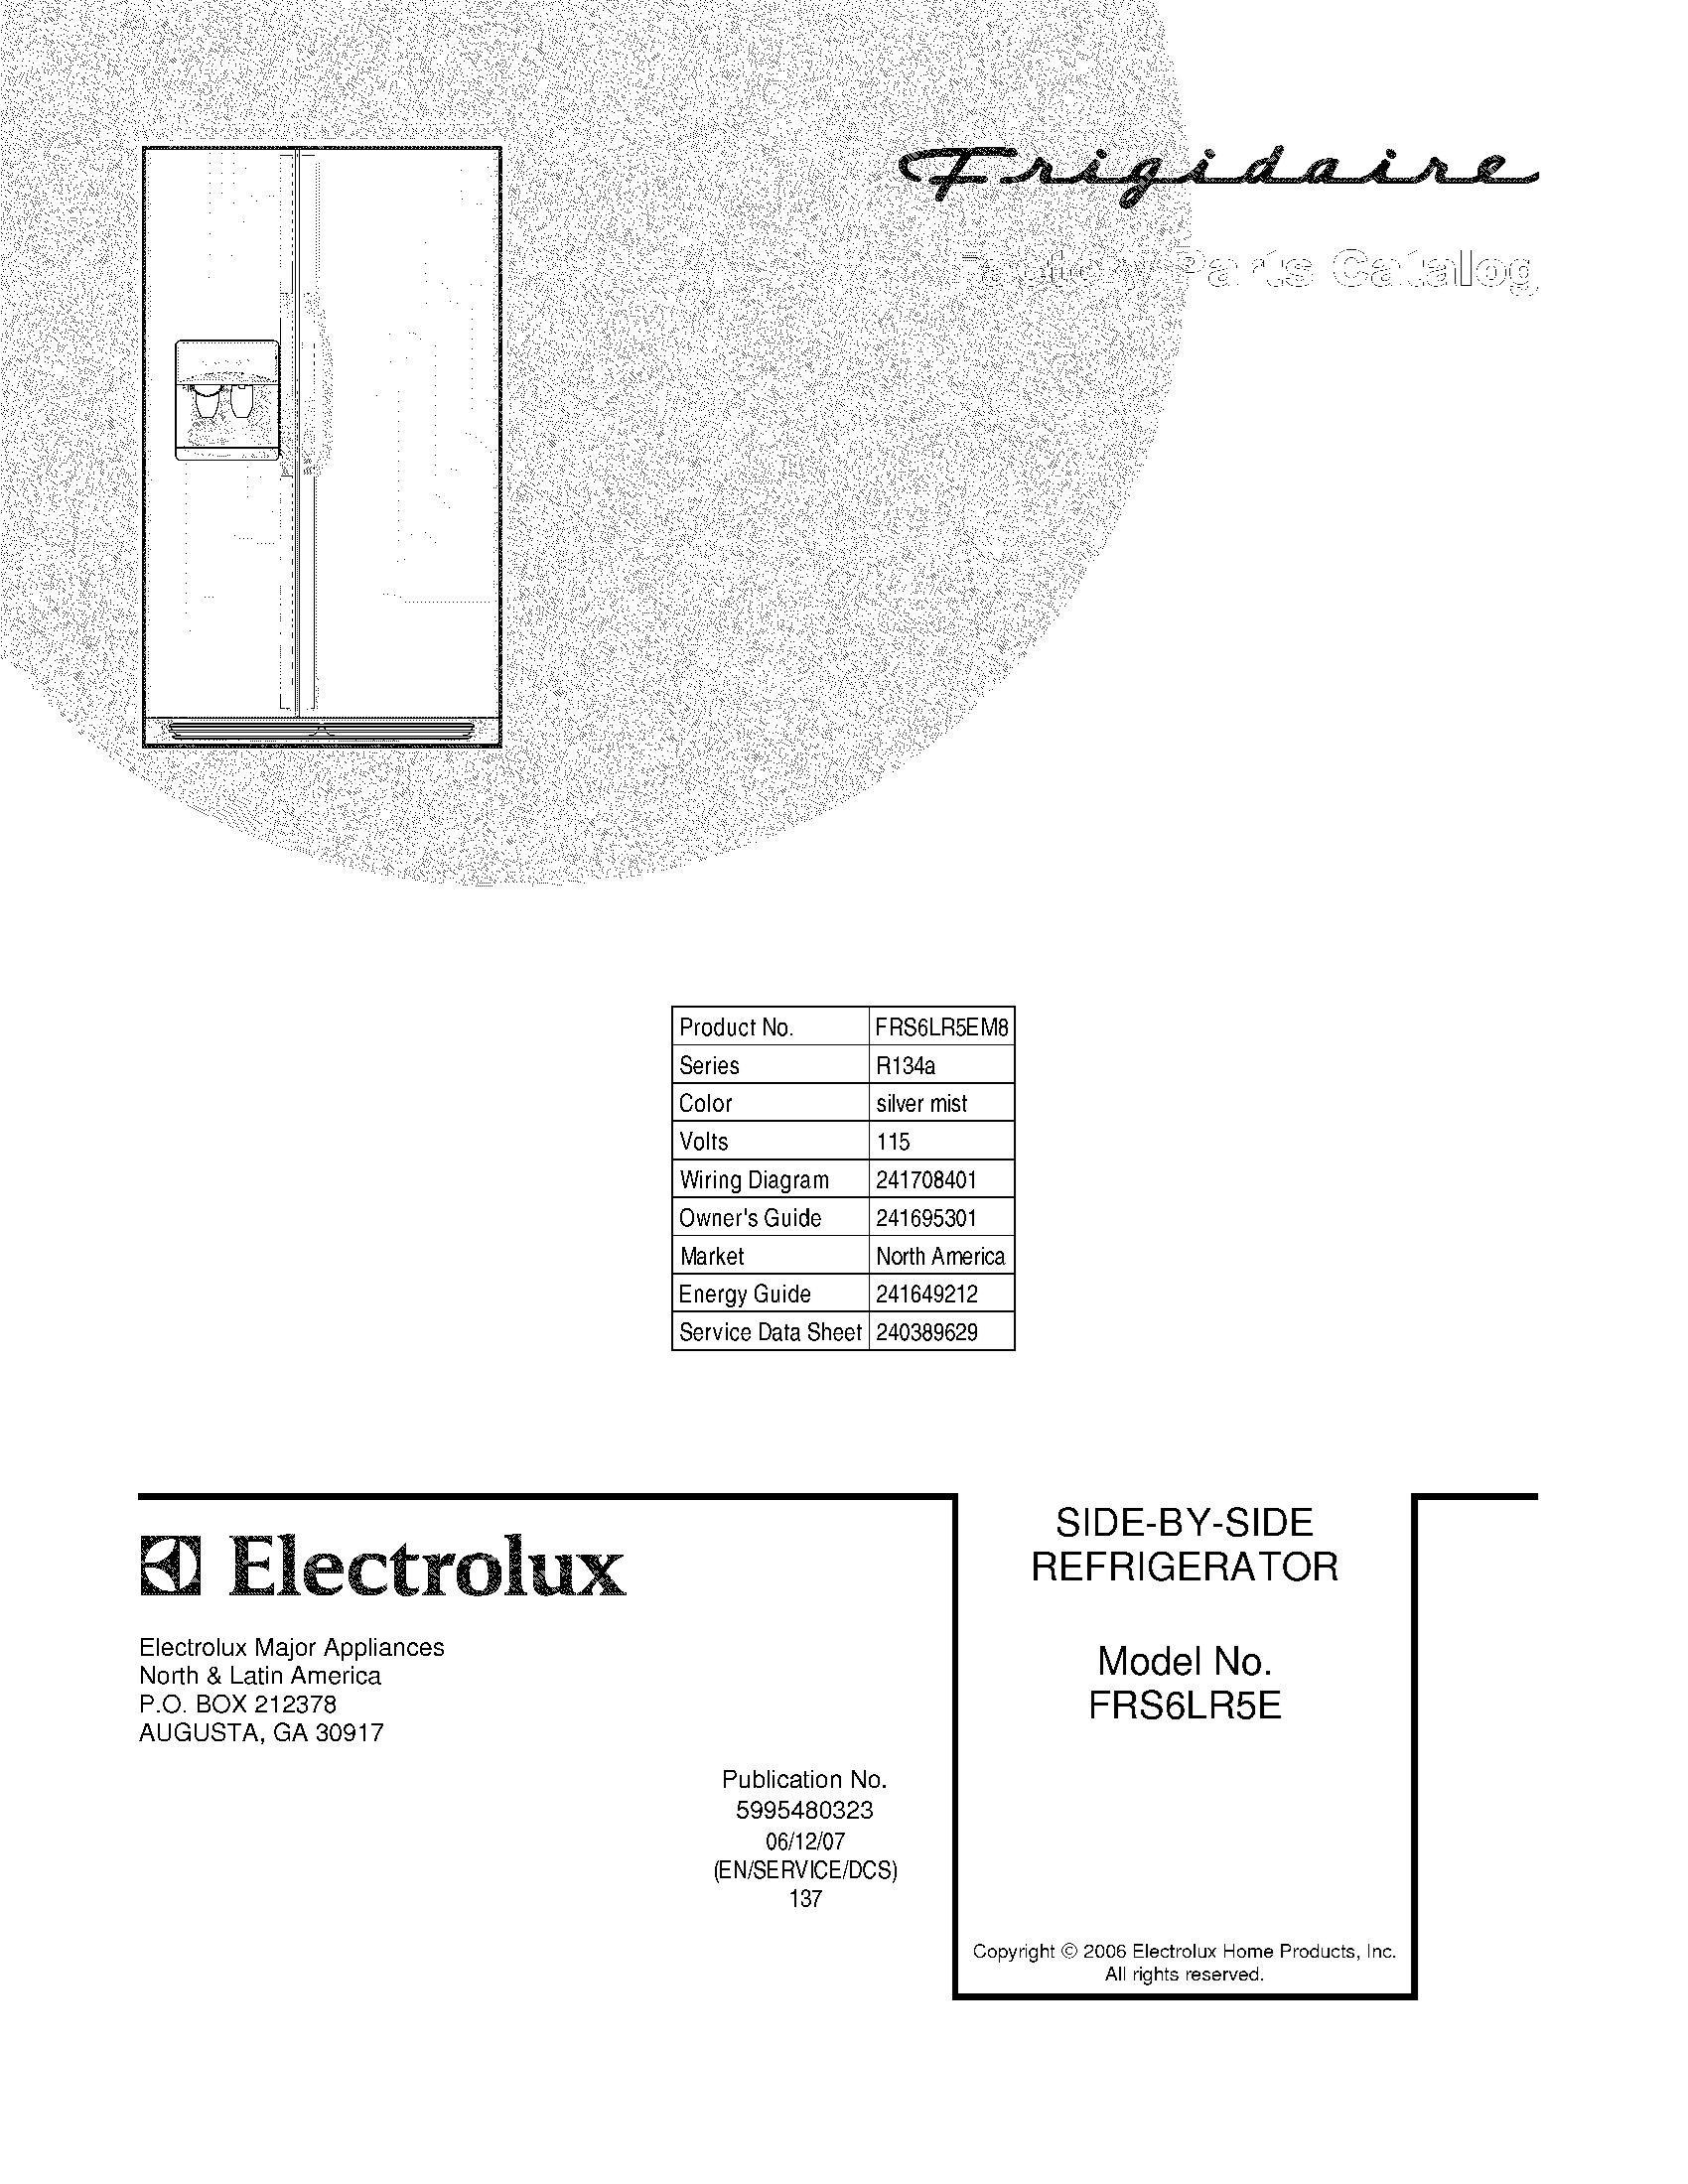 Indesit Fridge Freezer Wiring Diagram Telecaster 3way Wiring – Indesit Electric Oven Wiring Diagram